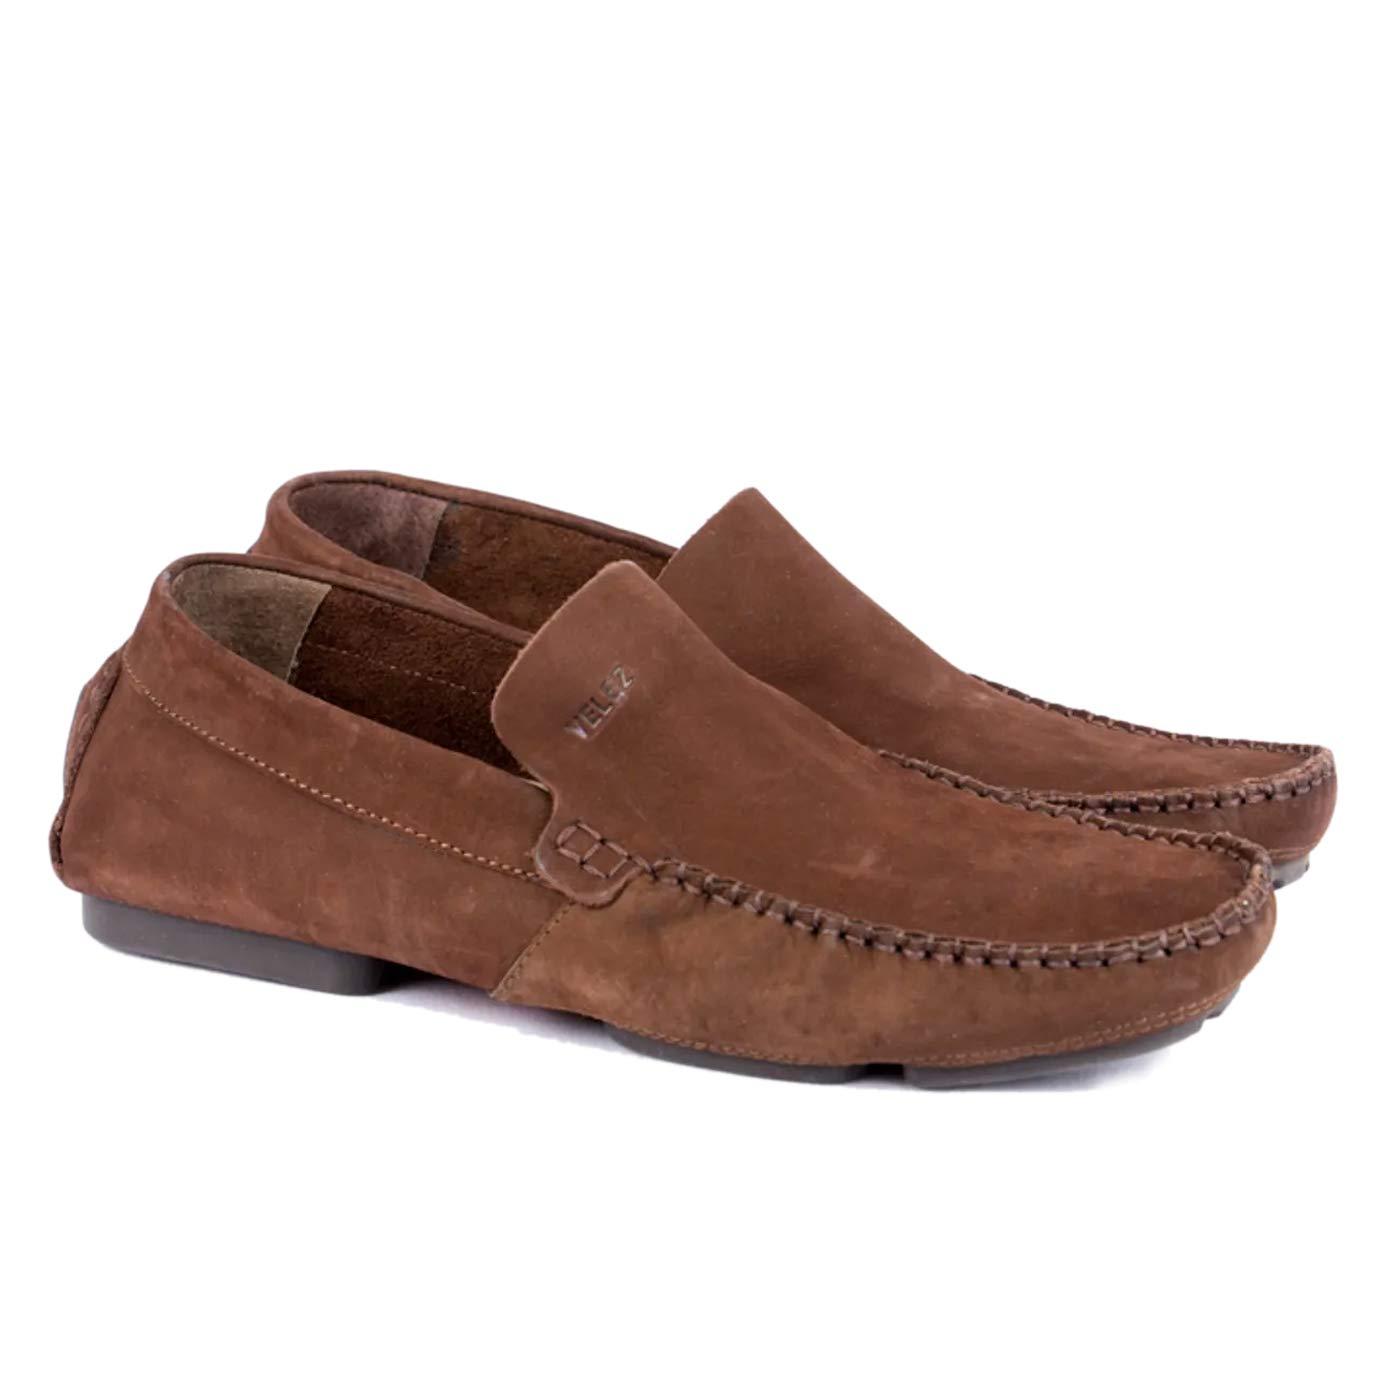 VELEZ Mens Leather Loafers Slip on Shoes | Mocasines de Cuero para Hombres